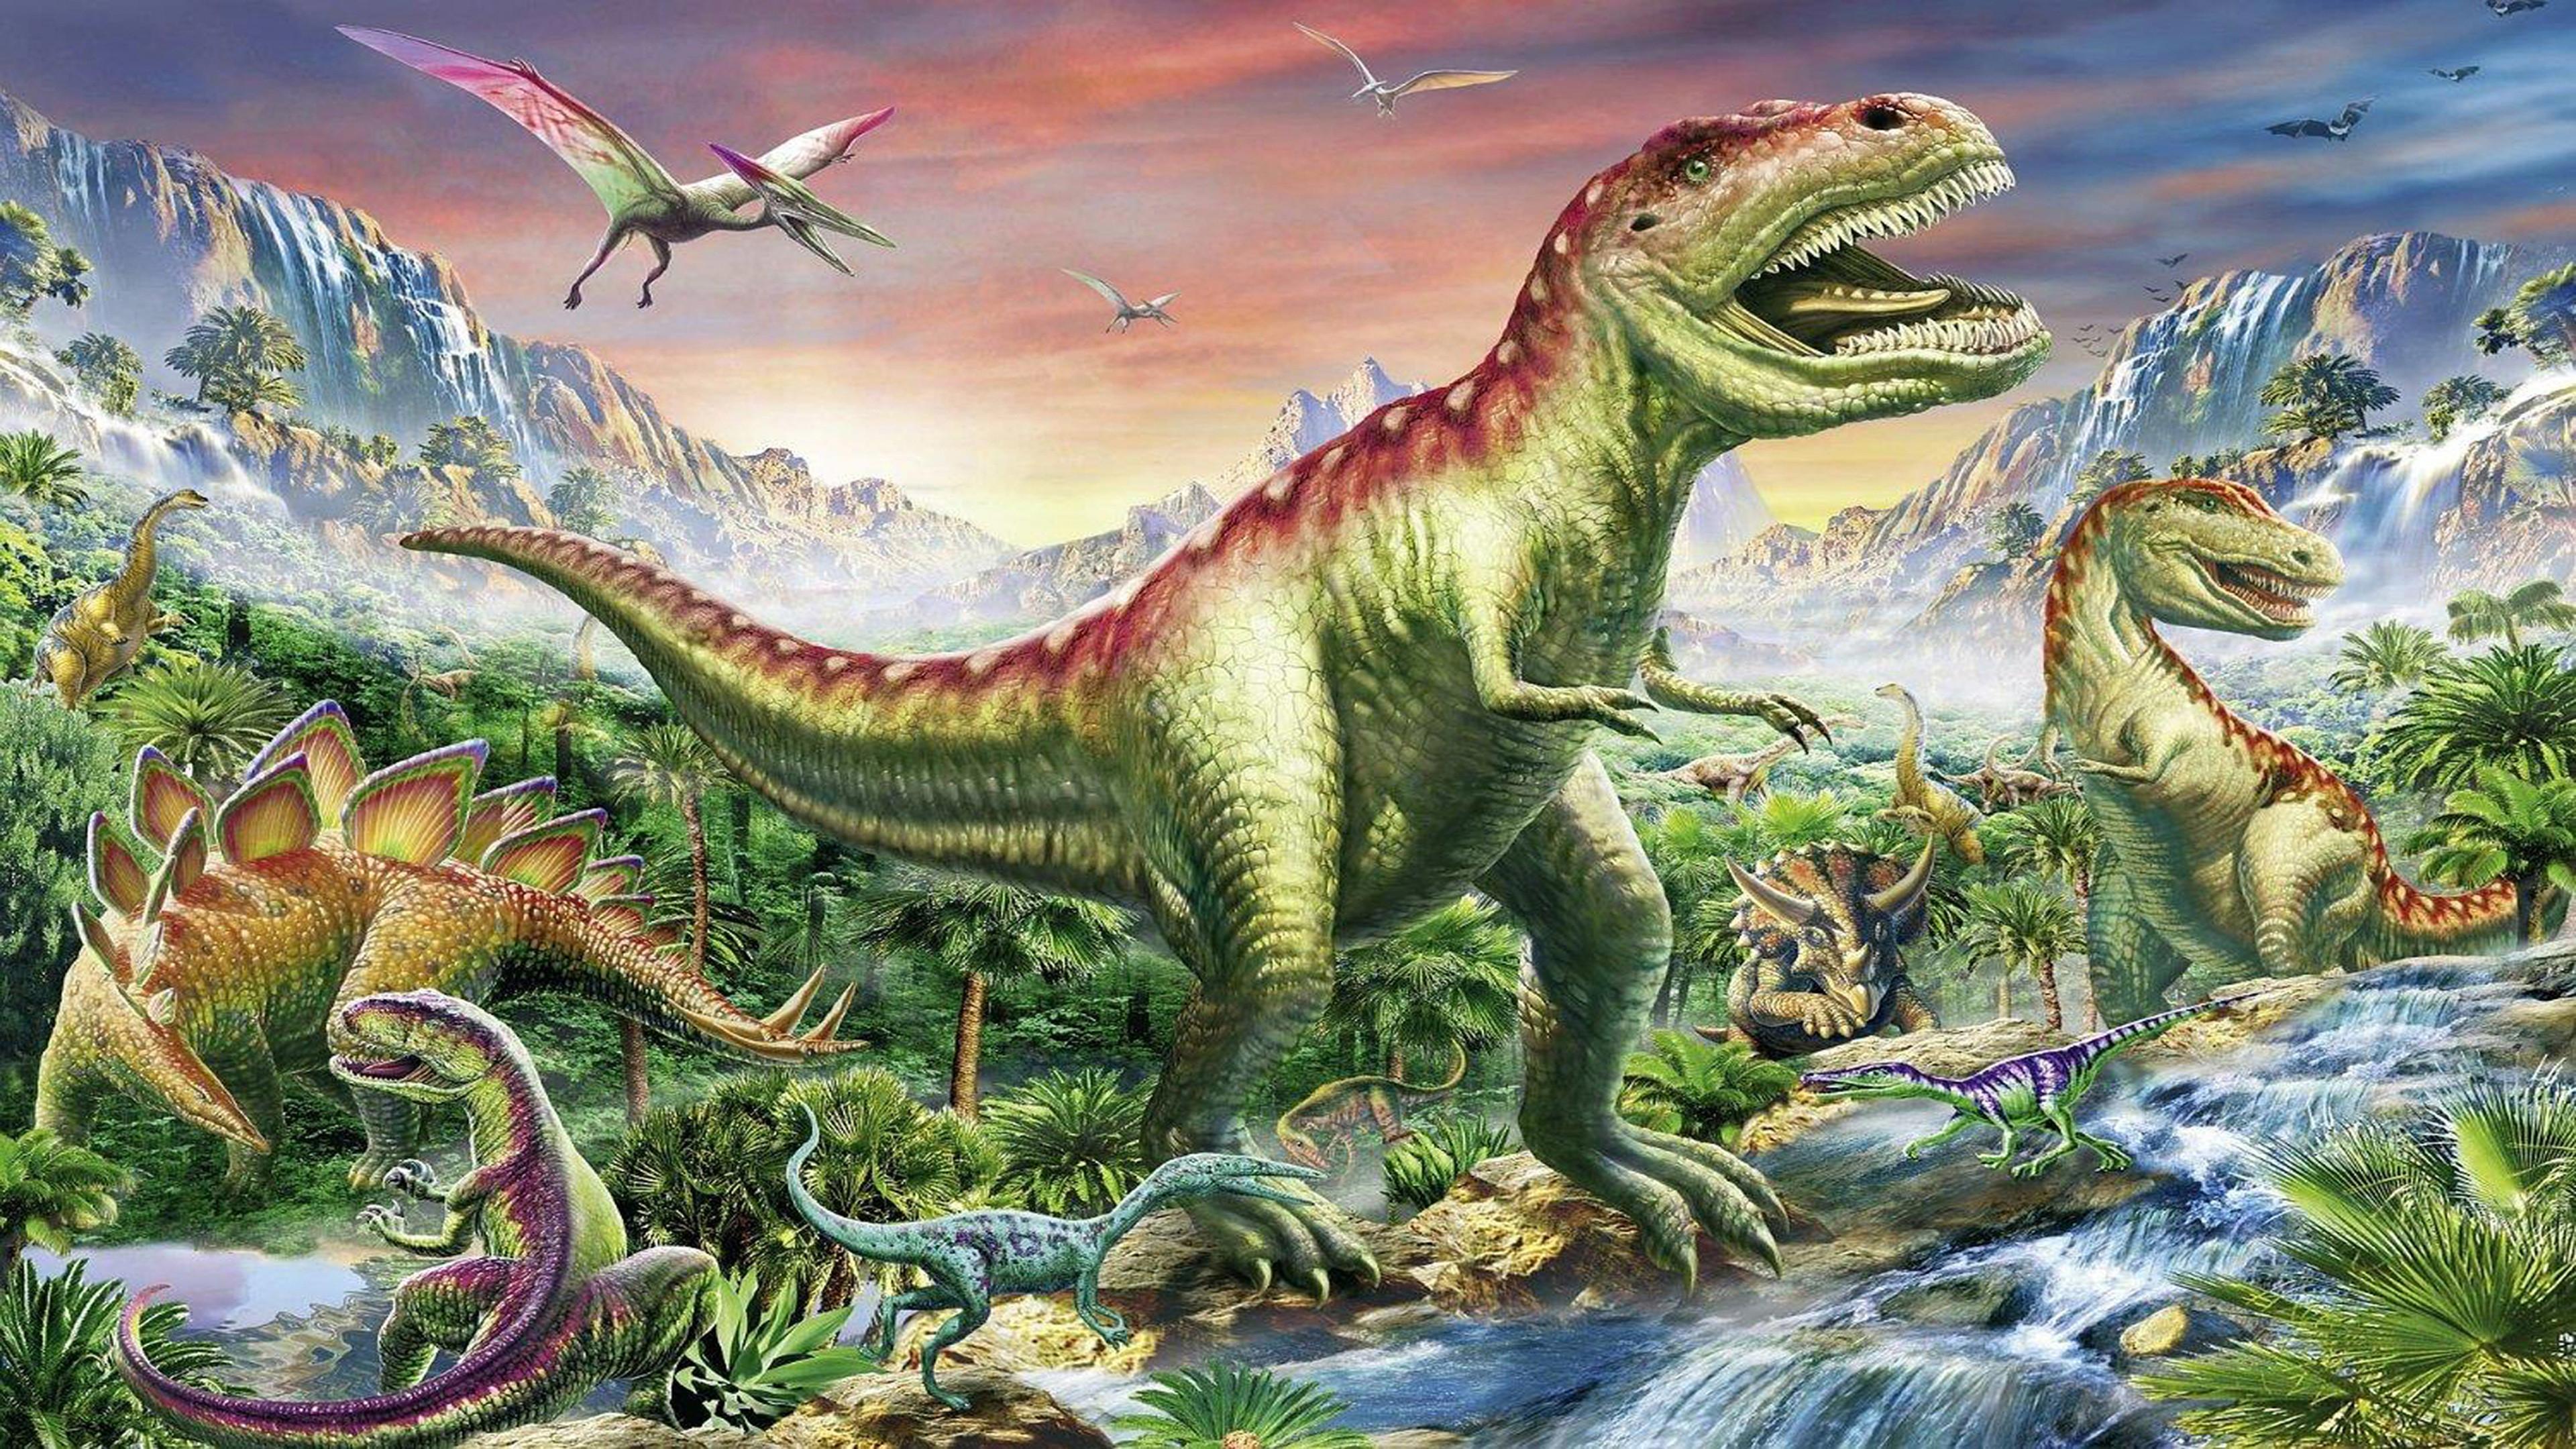 dinosaur wallpaper 3d inspirational dinosaurier hd